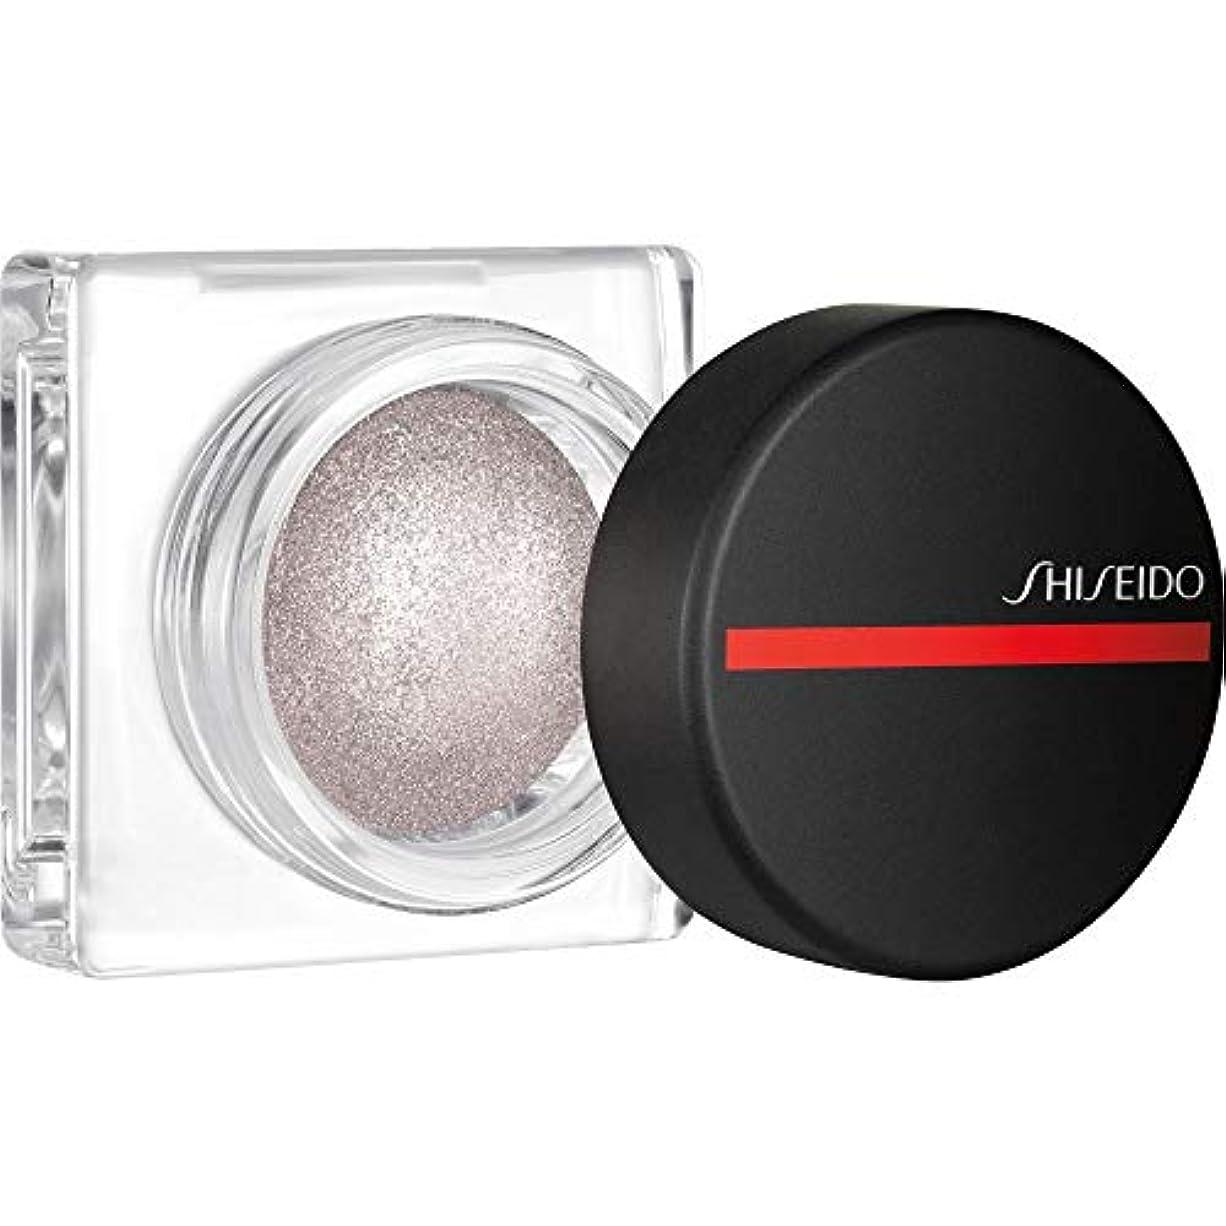 食事を調理する共産主義ひまわり[Shiseido] 資生堂のオーラ露の4.8グラム01 - 月面 - Shiseido Aura Dew 4.8g 01 - Lunar [並行輸入品]